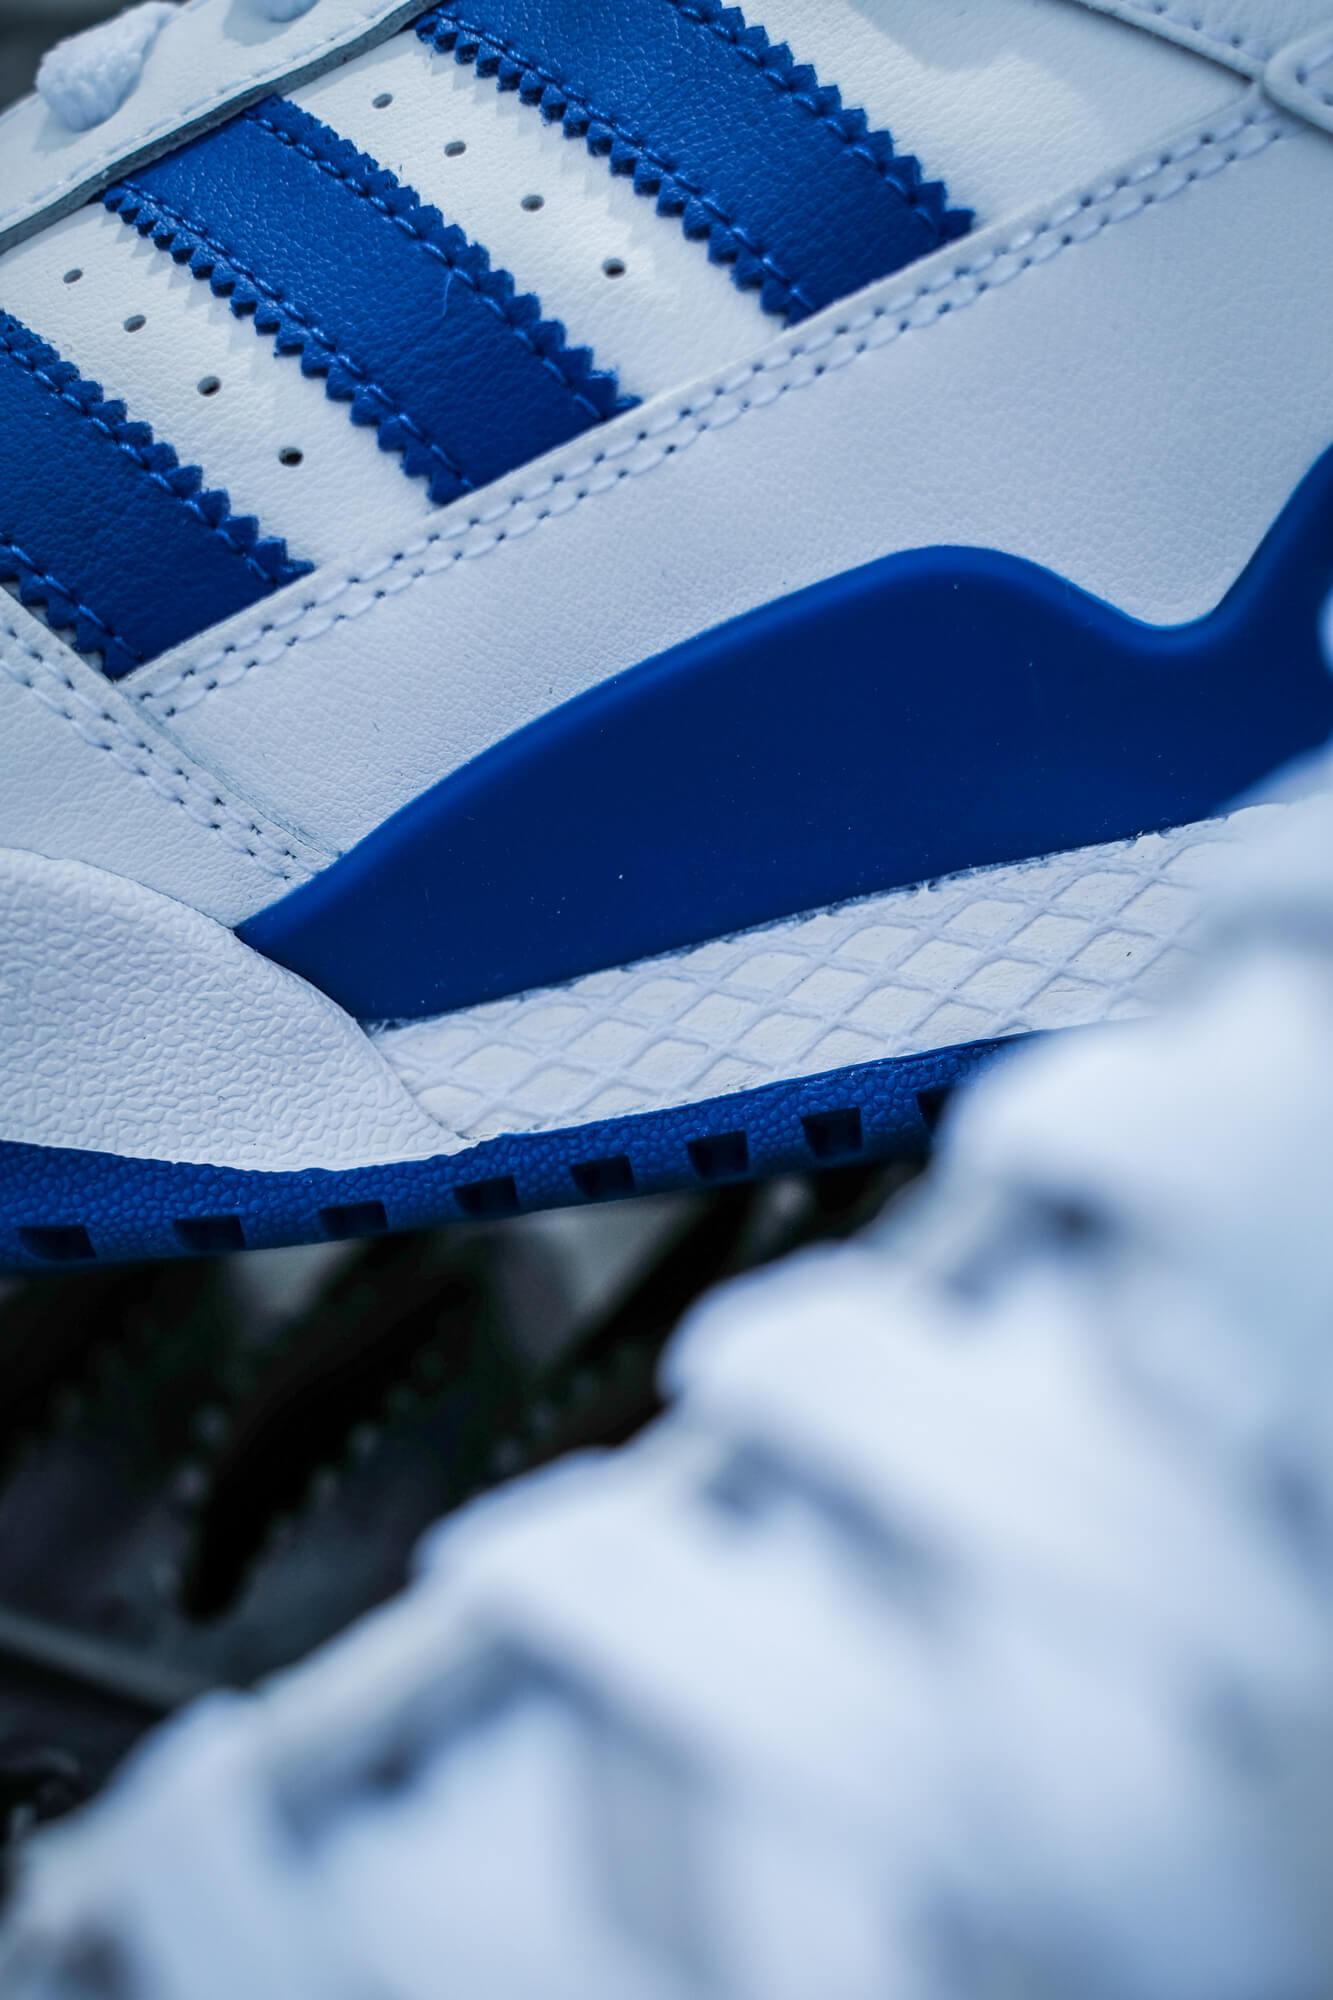 adidas dellinger web am adidas Forum Mid - cloud white/royal blue/cloud white - FY4976